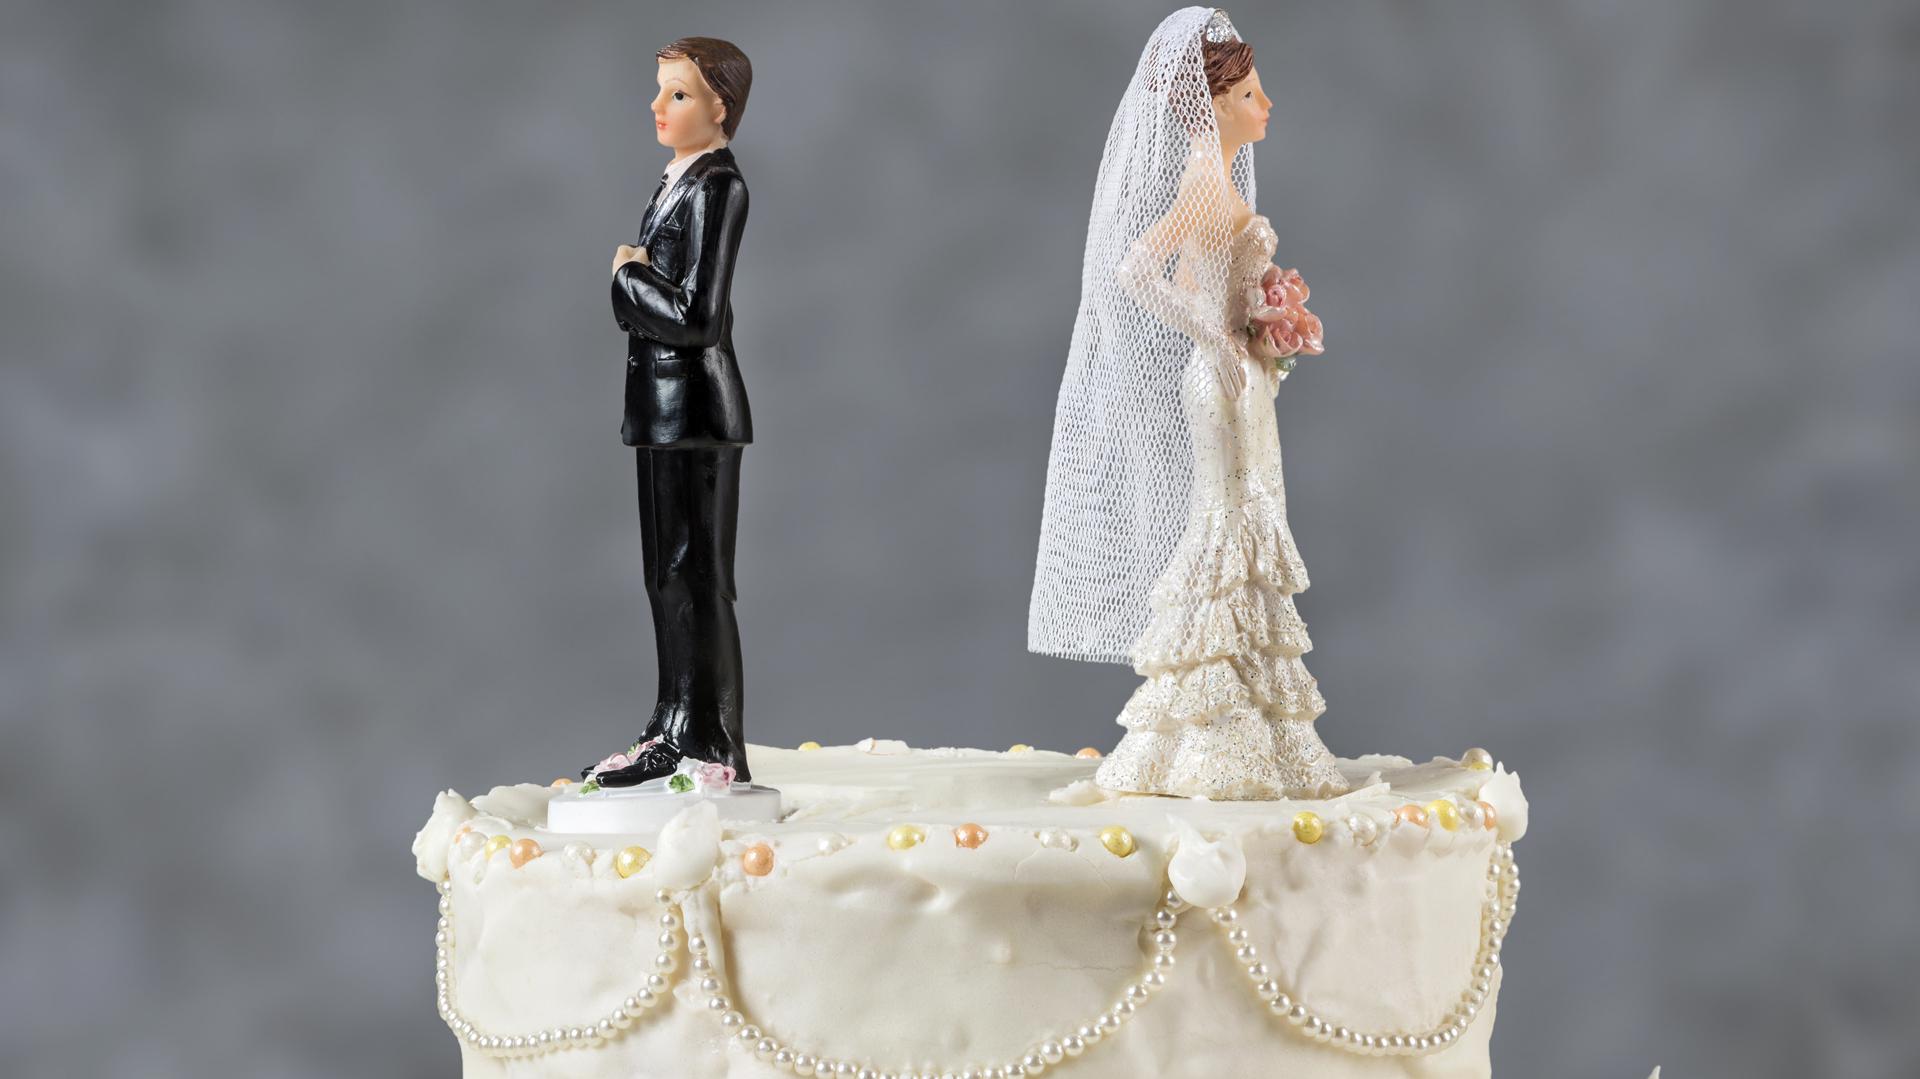 Postergar una separación puede acarrear riesgos para la salud de la familia